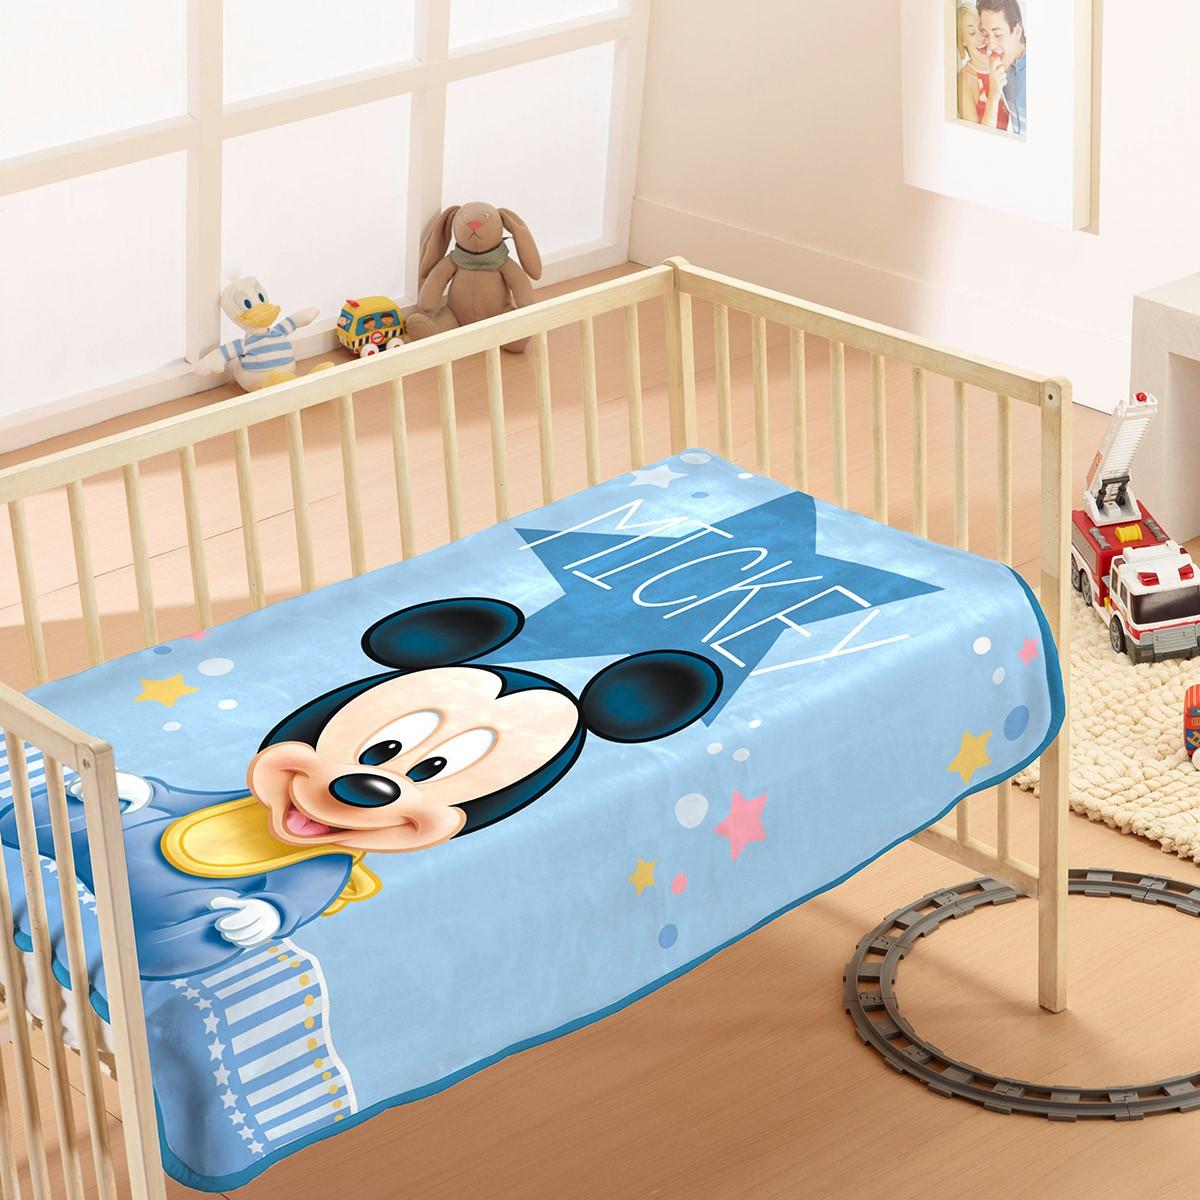 Κουβέρτα Βελουτέ Αγκαλιάς Dim Collection Mickey 8 78103